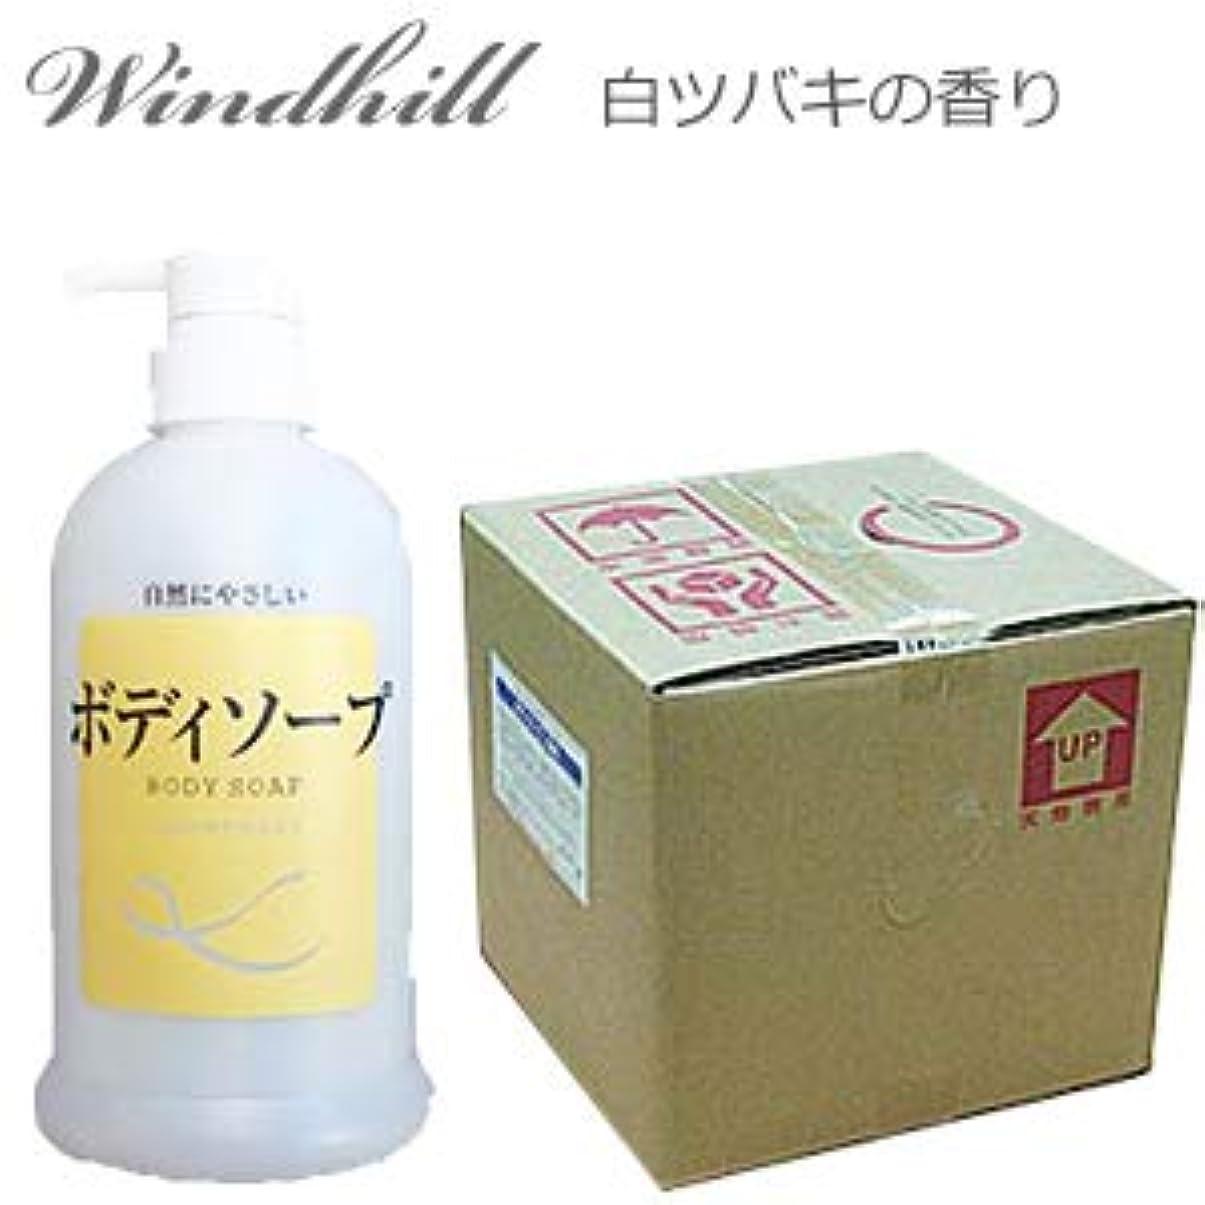 綺麗なパック影響を受けやすいですなんと! 500ml当り175円 Windhill 植物性 業務用 ボディソープ  白ツバキの香り 20L